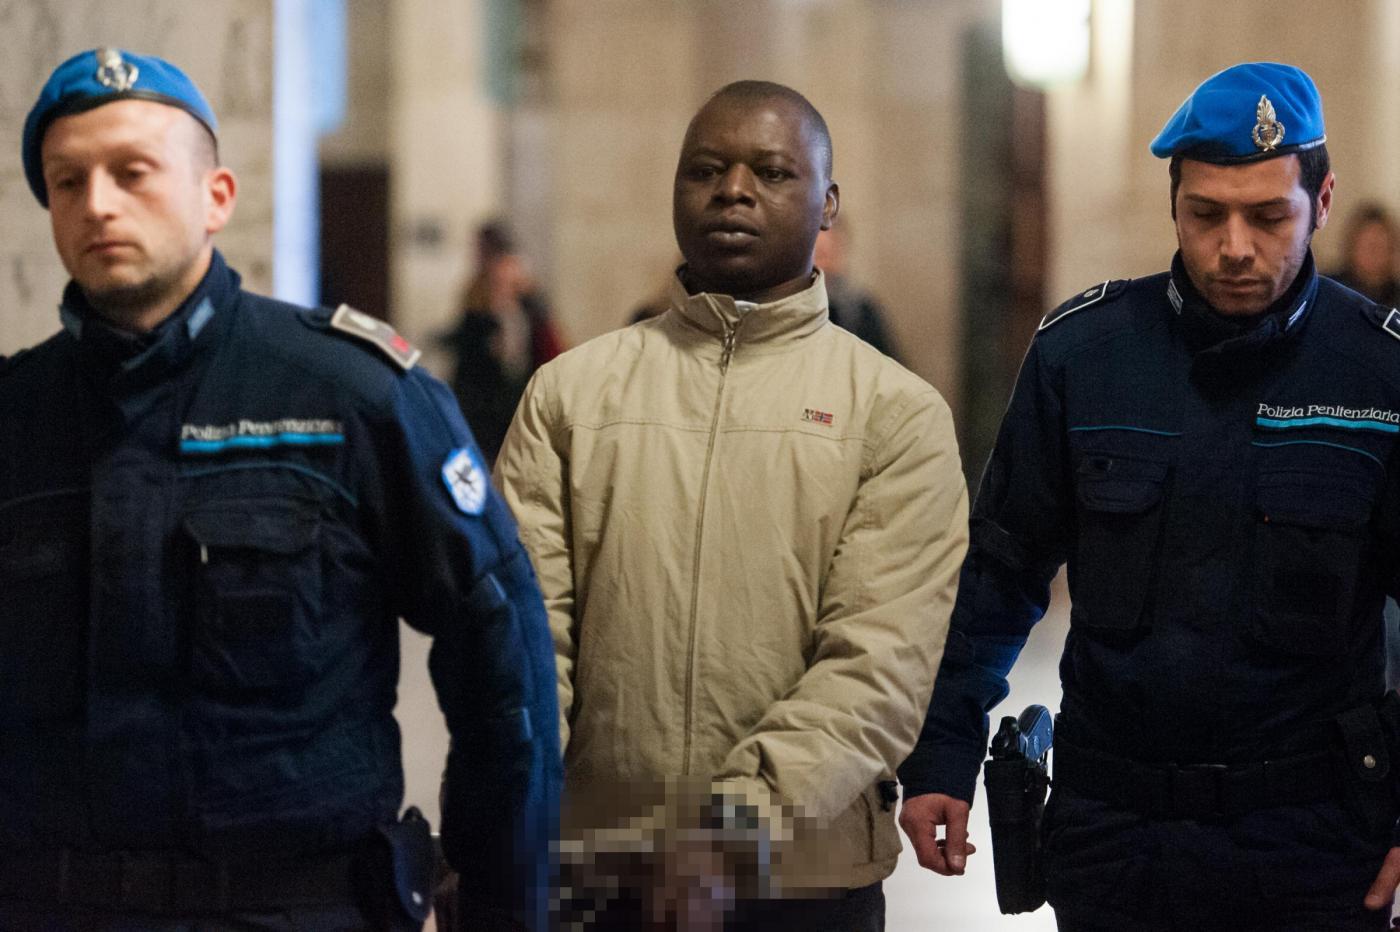 Kabobo condannato a 20 anni: uccise 3 passanti a picconate